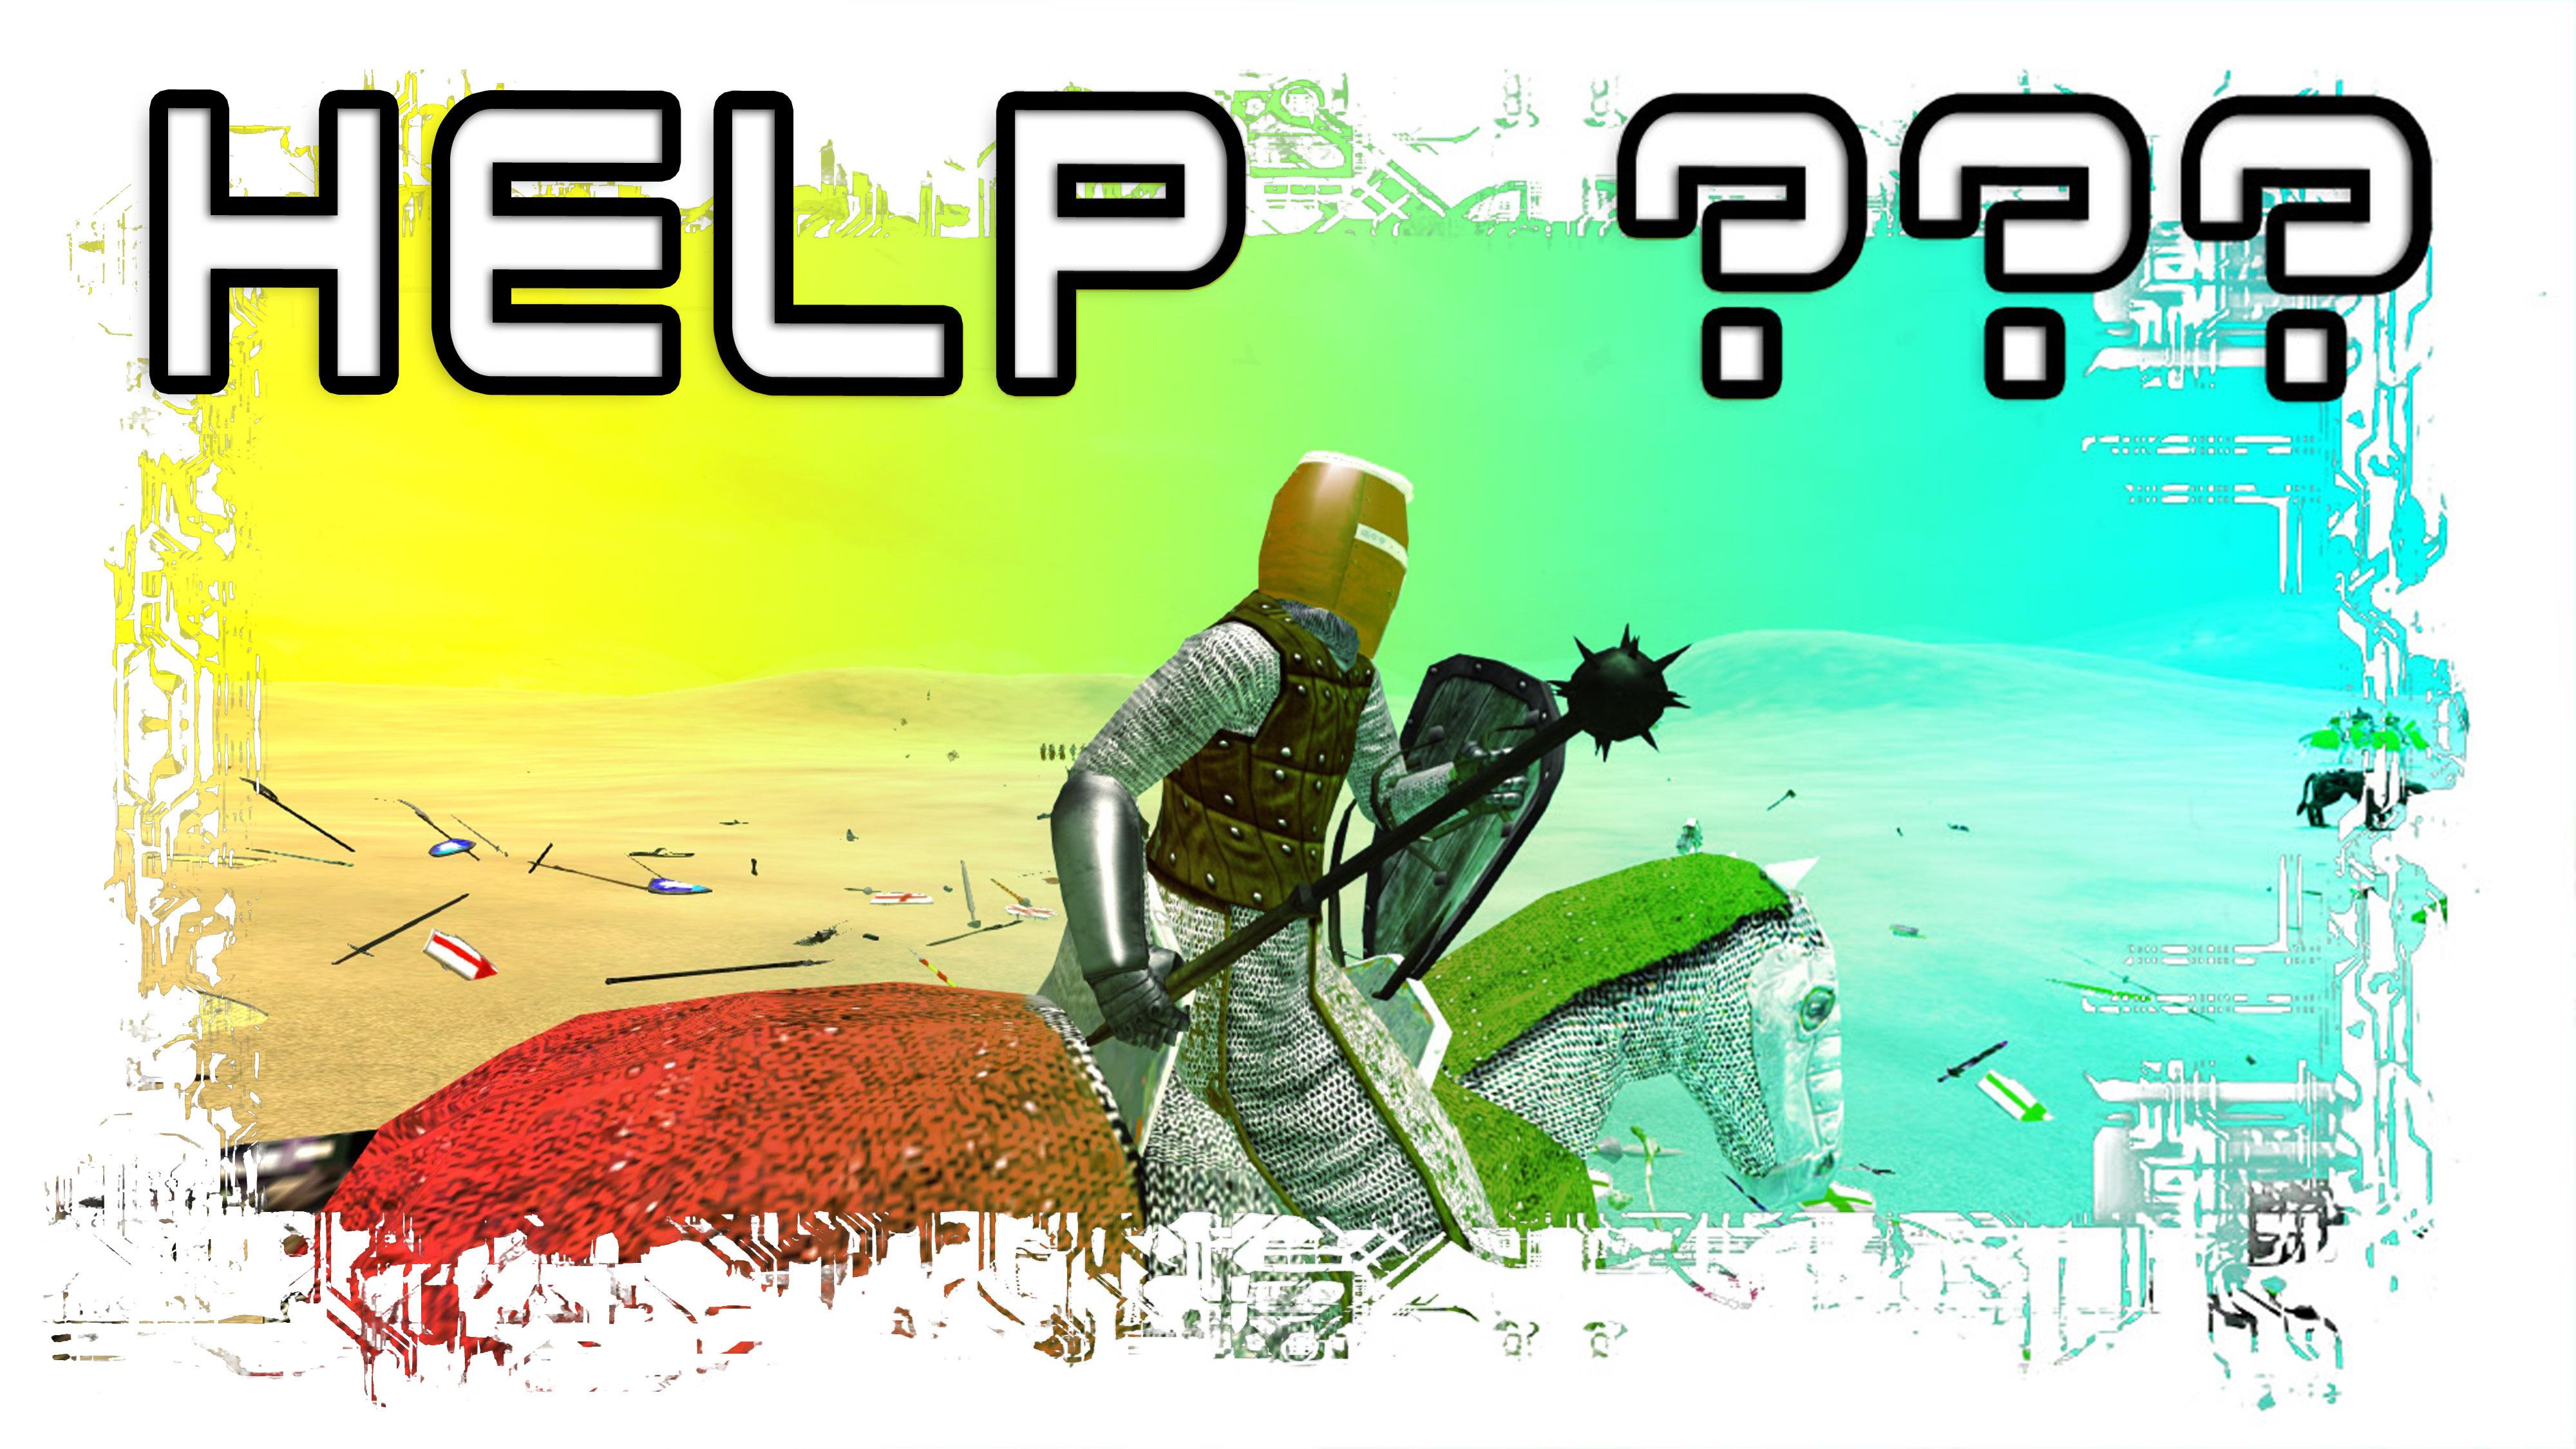 freeHelp3